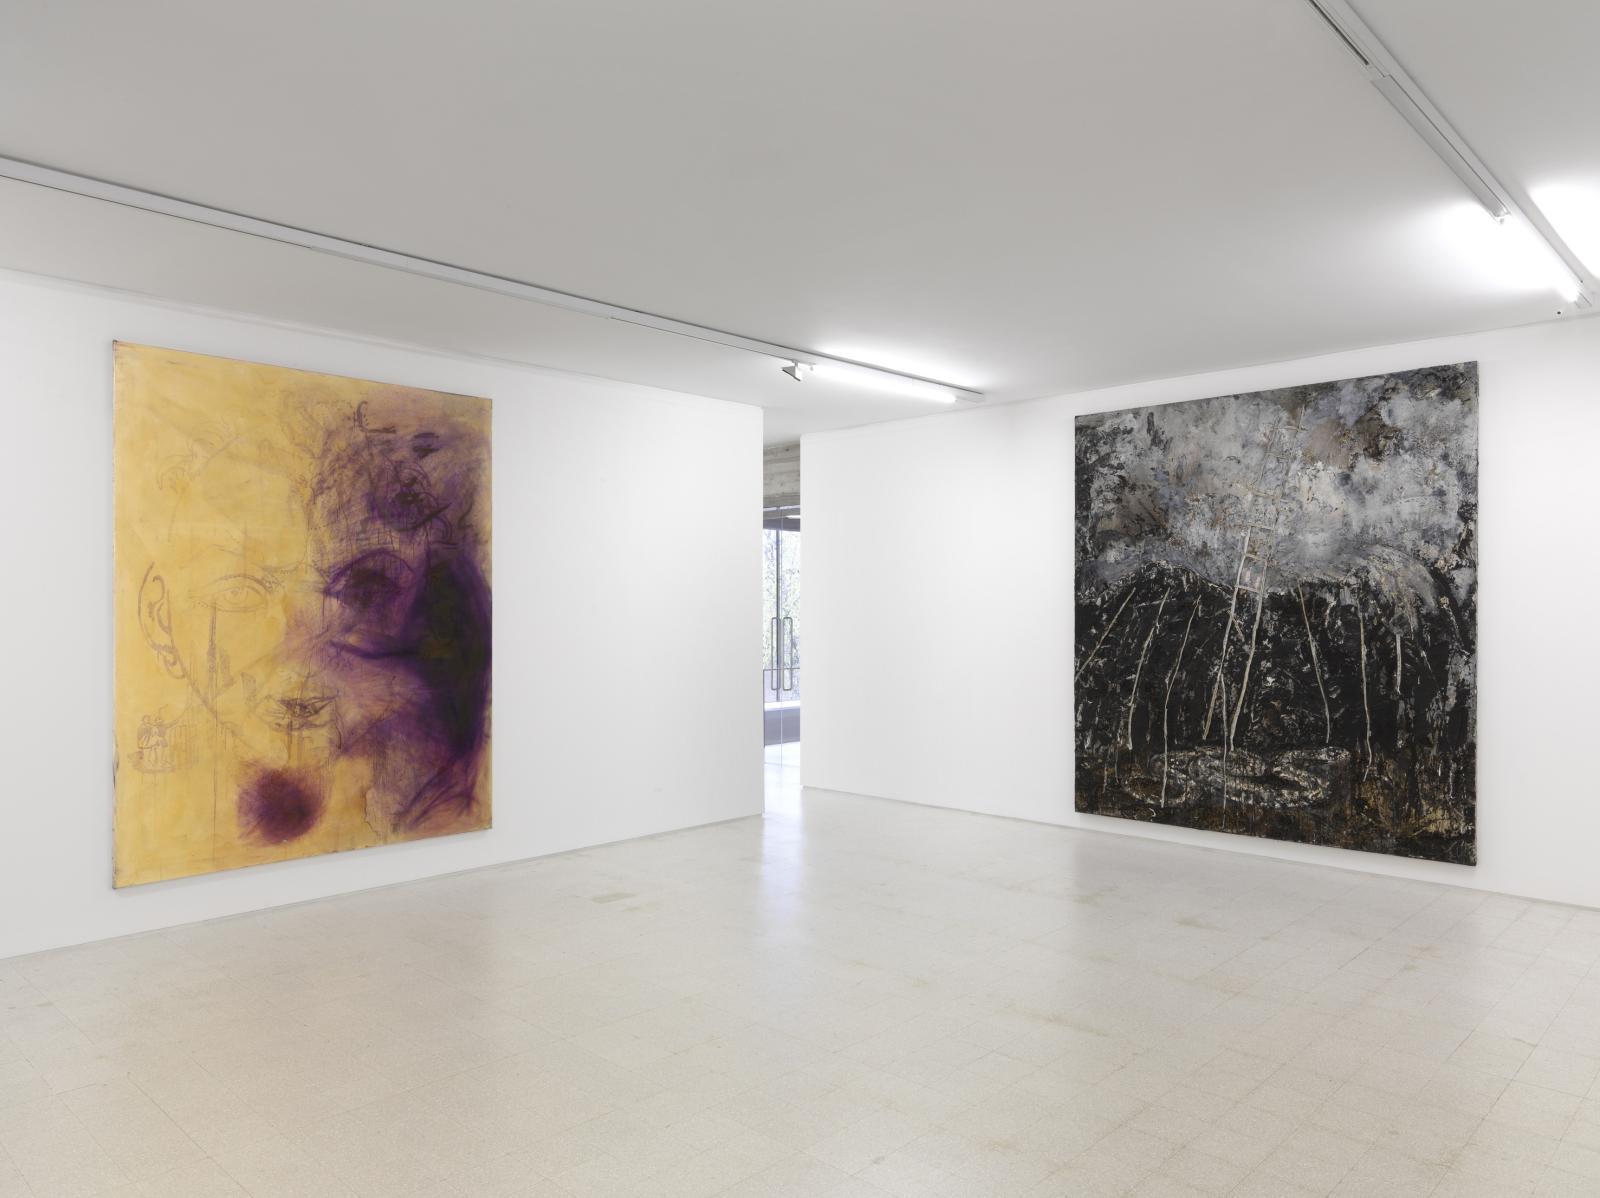 Vue de la collection Maramotti, avec des œuvres des artistes allemandsSigmar Polke et Anselm Kiefer. ©Dario Lasagni